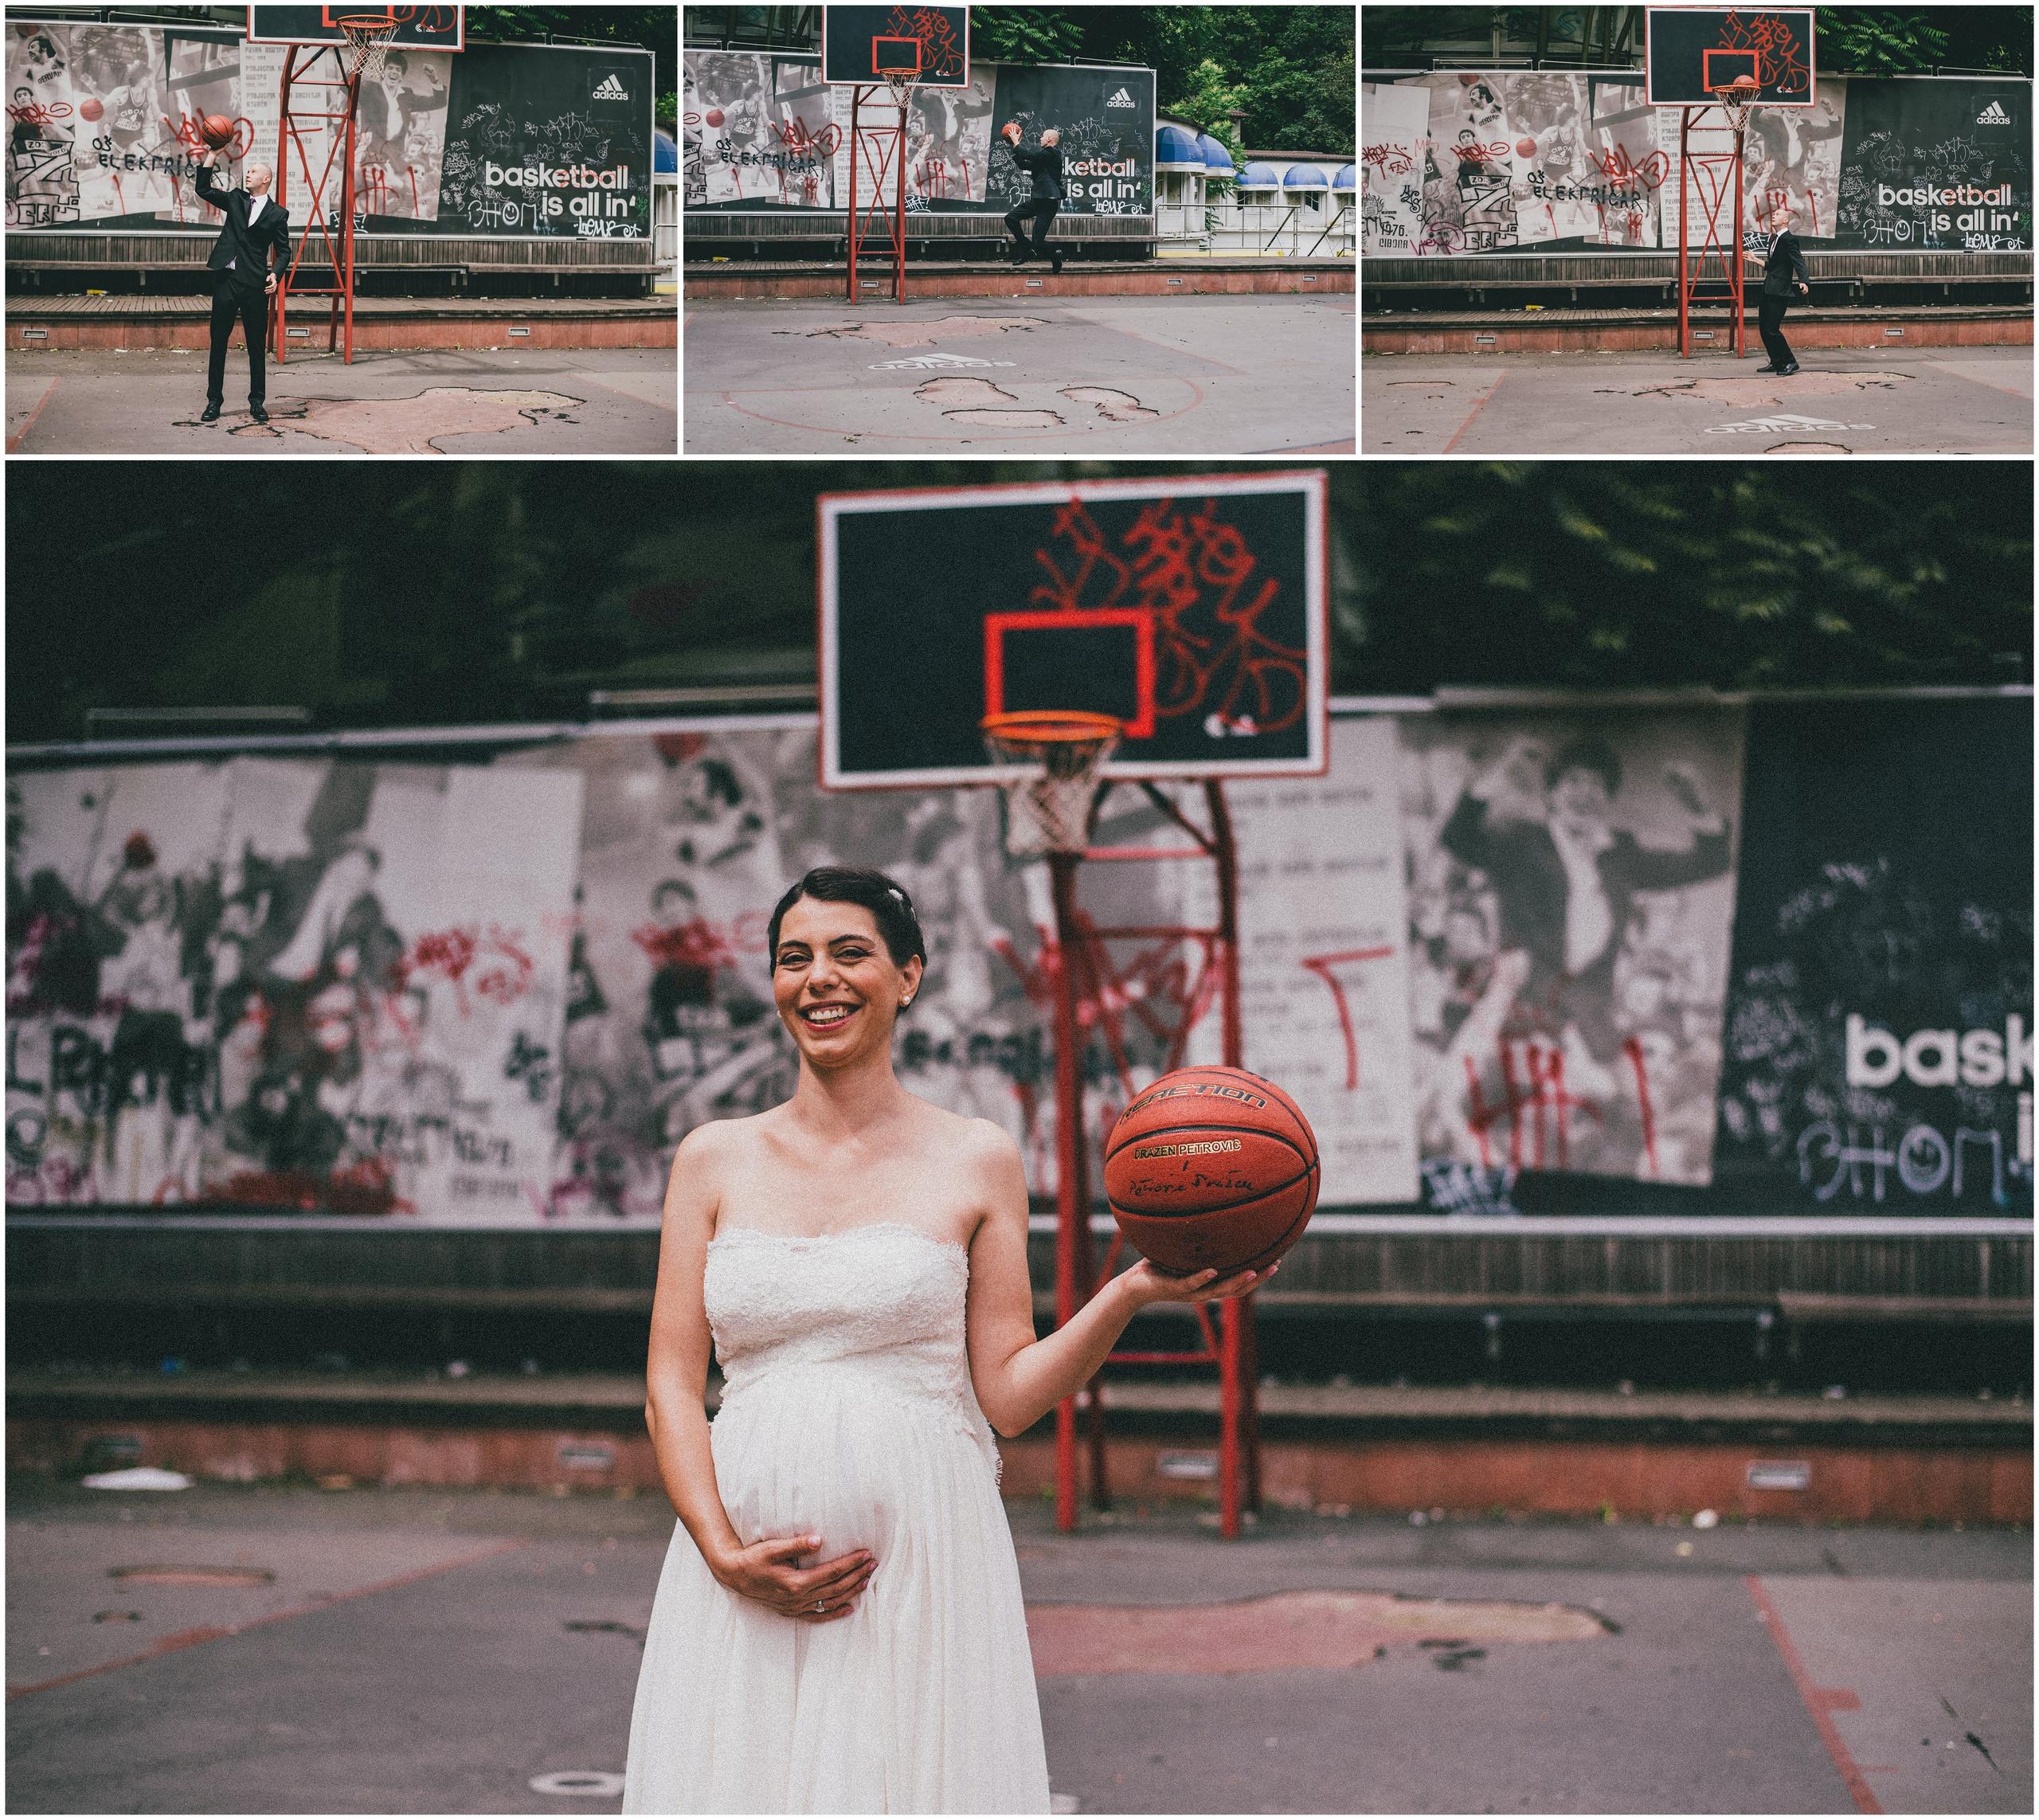 Mladenka s košarkaškom loptom, uz pozadinu slika trofejnih godina Cibone i Dražena Petrovića